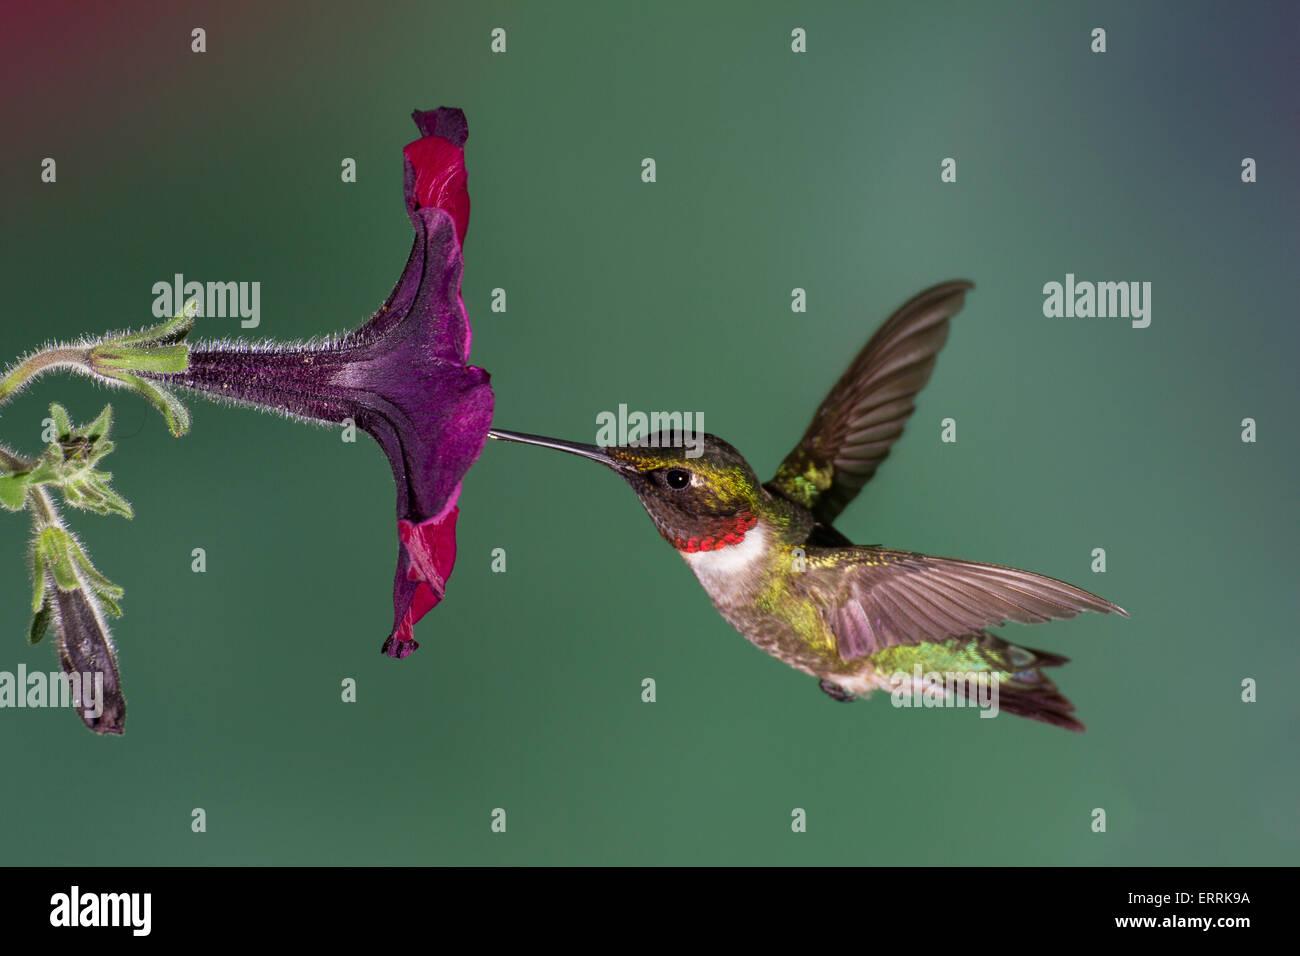 Rubí-throated hummingbird volando en una petunia flor. Imagen De Stock